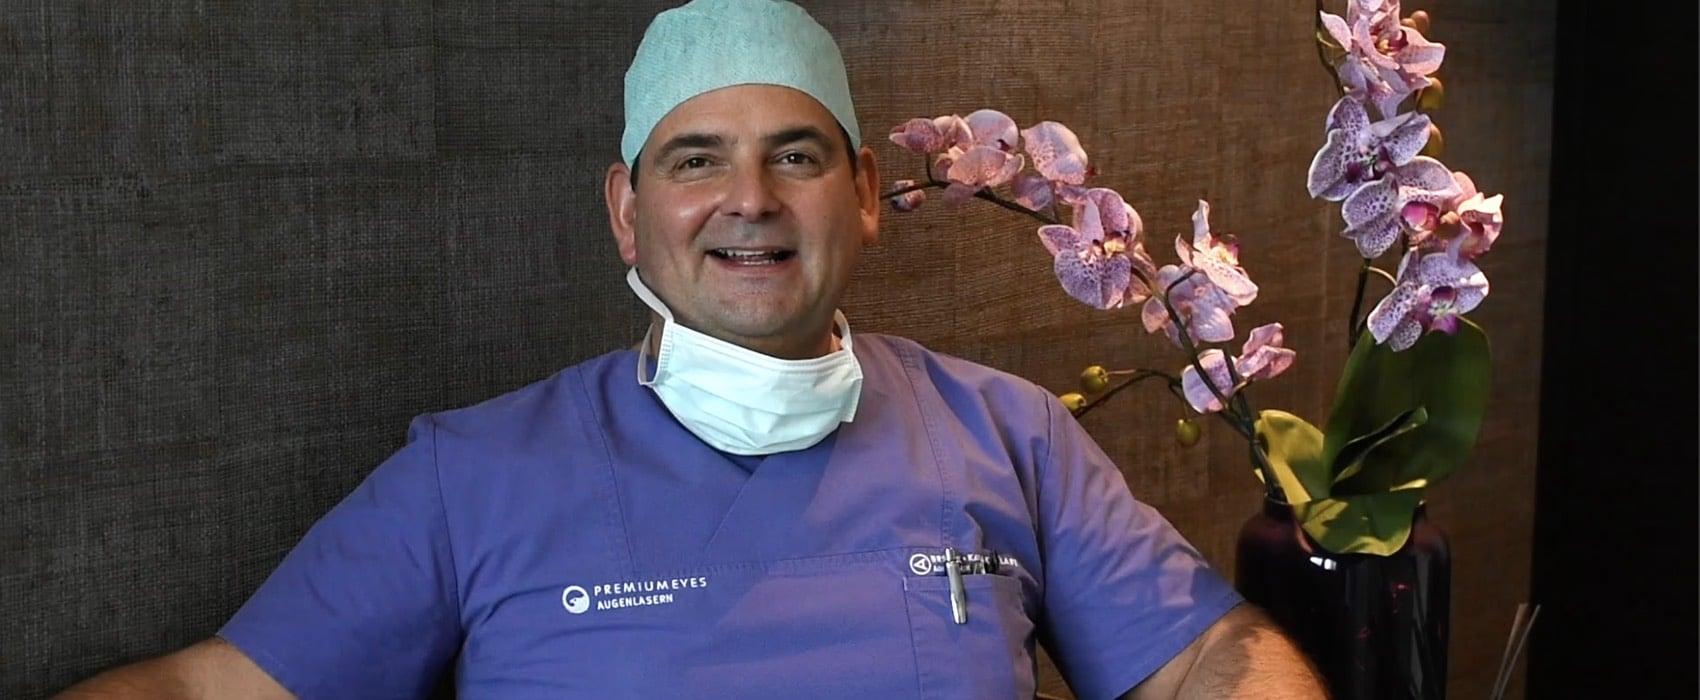 Augenarzt Dr. Detlev Breyer in seiner Praxis am Tag seiner Augenlaser-OP.